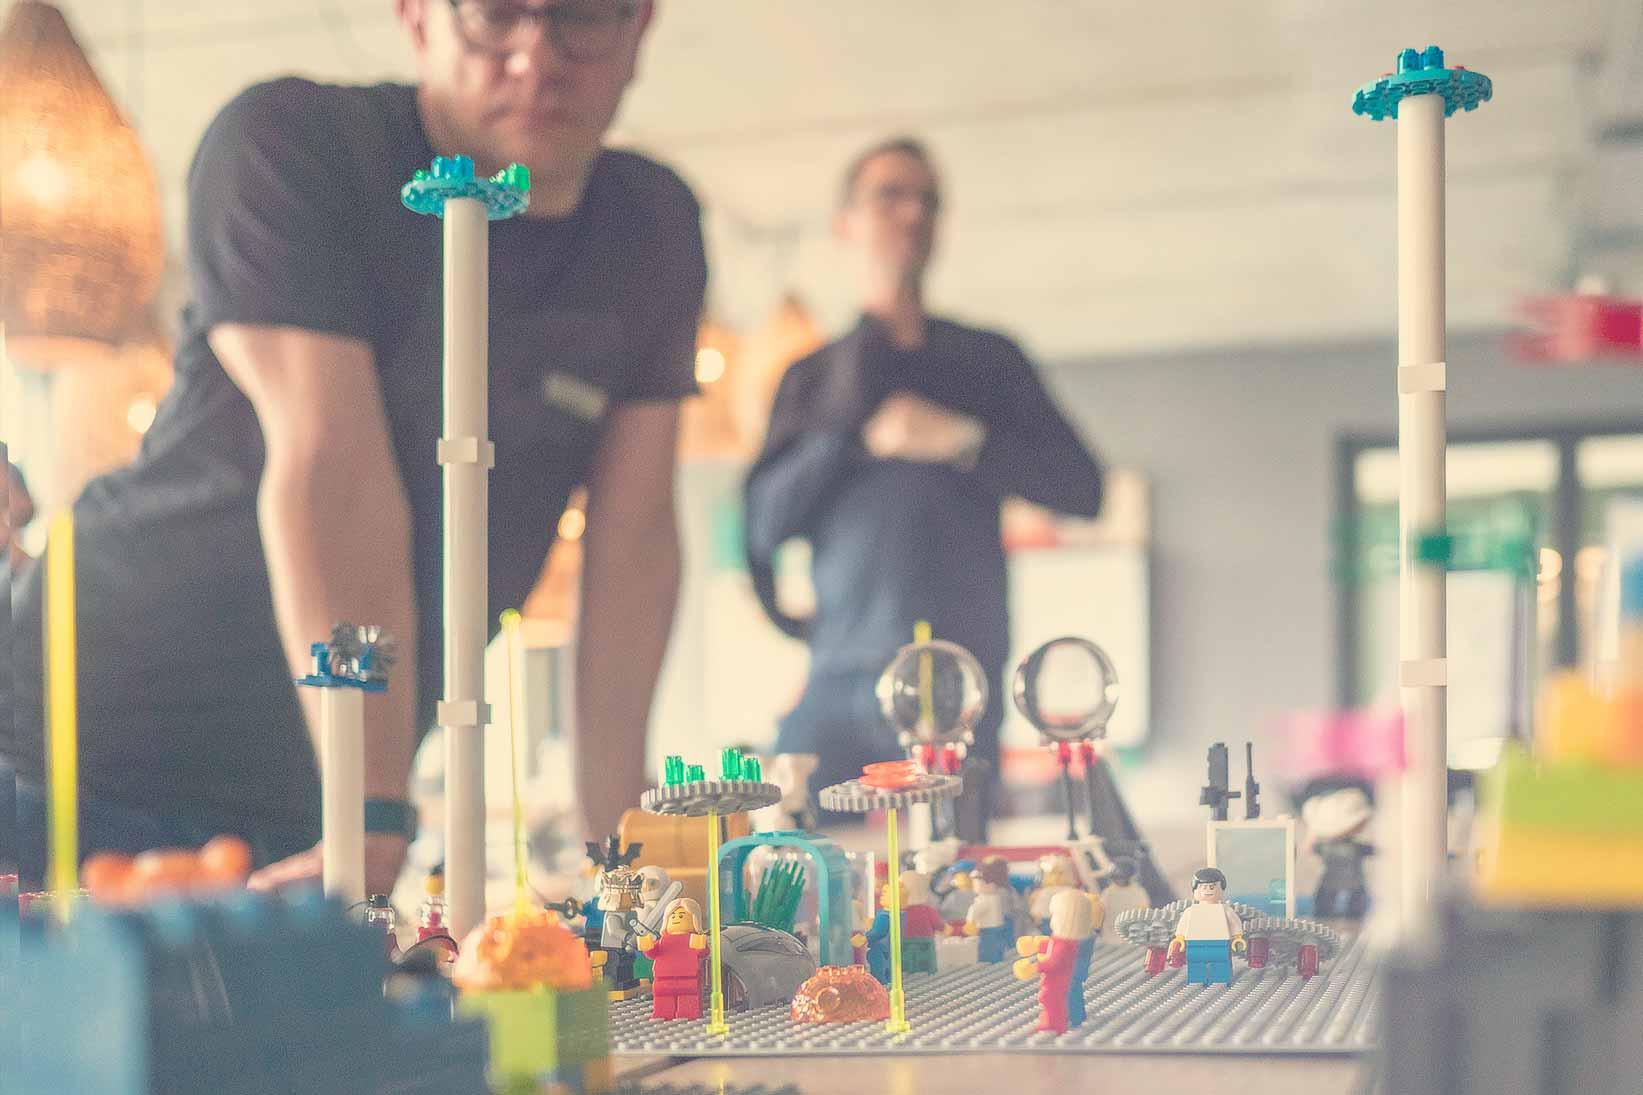 Präsentation der Lego LSP Modelle